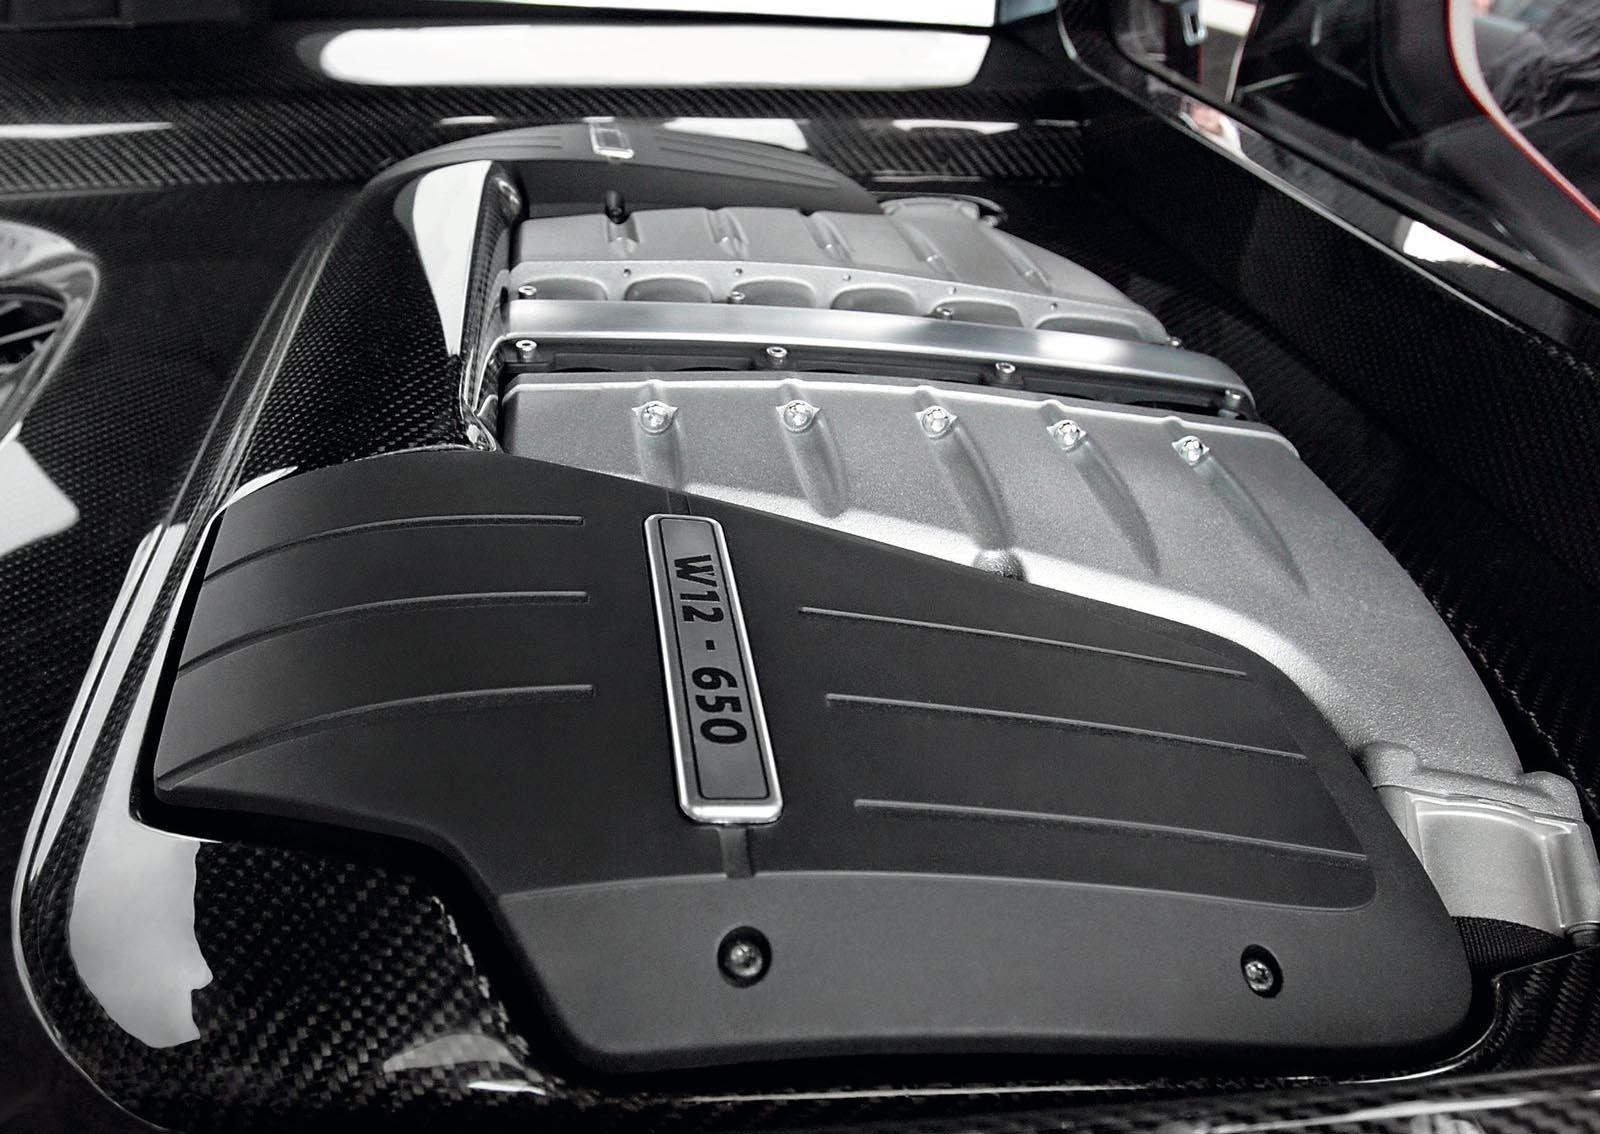 Volkswagen Golf GTI W12-650 Concept Wallpaper